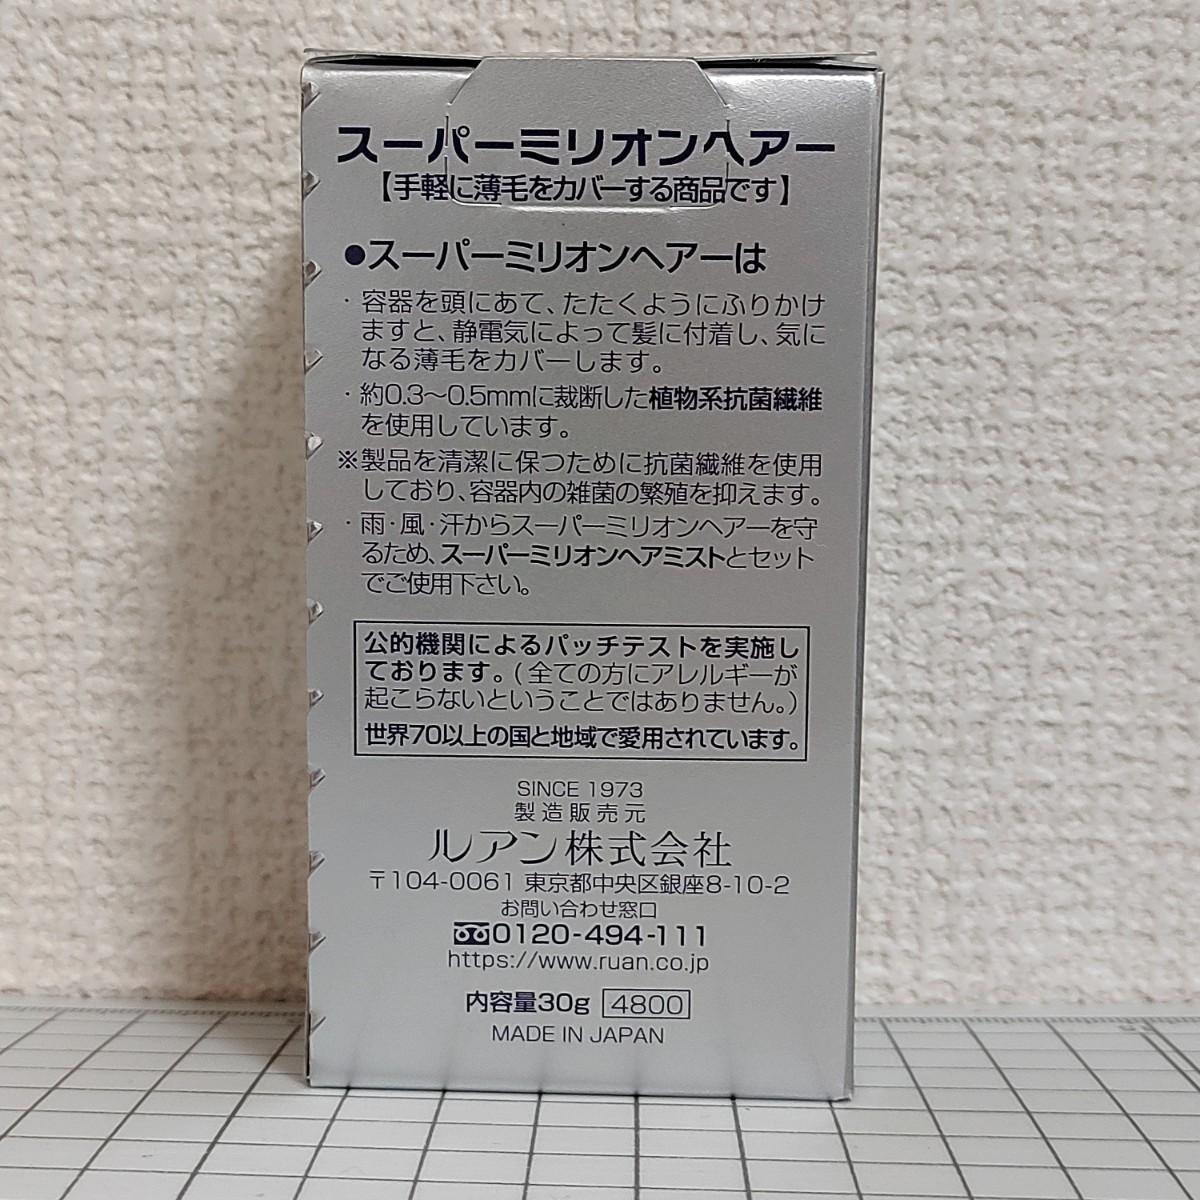 スーパーミリオンヘアー ライトブラウン 30g 4箱 新品・未開封